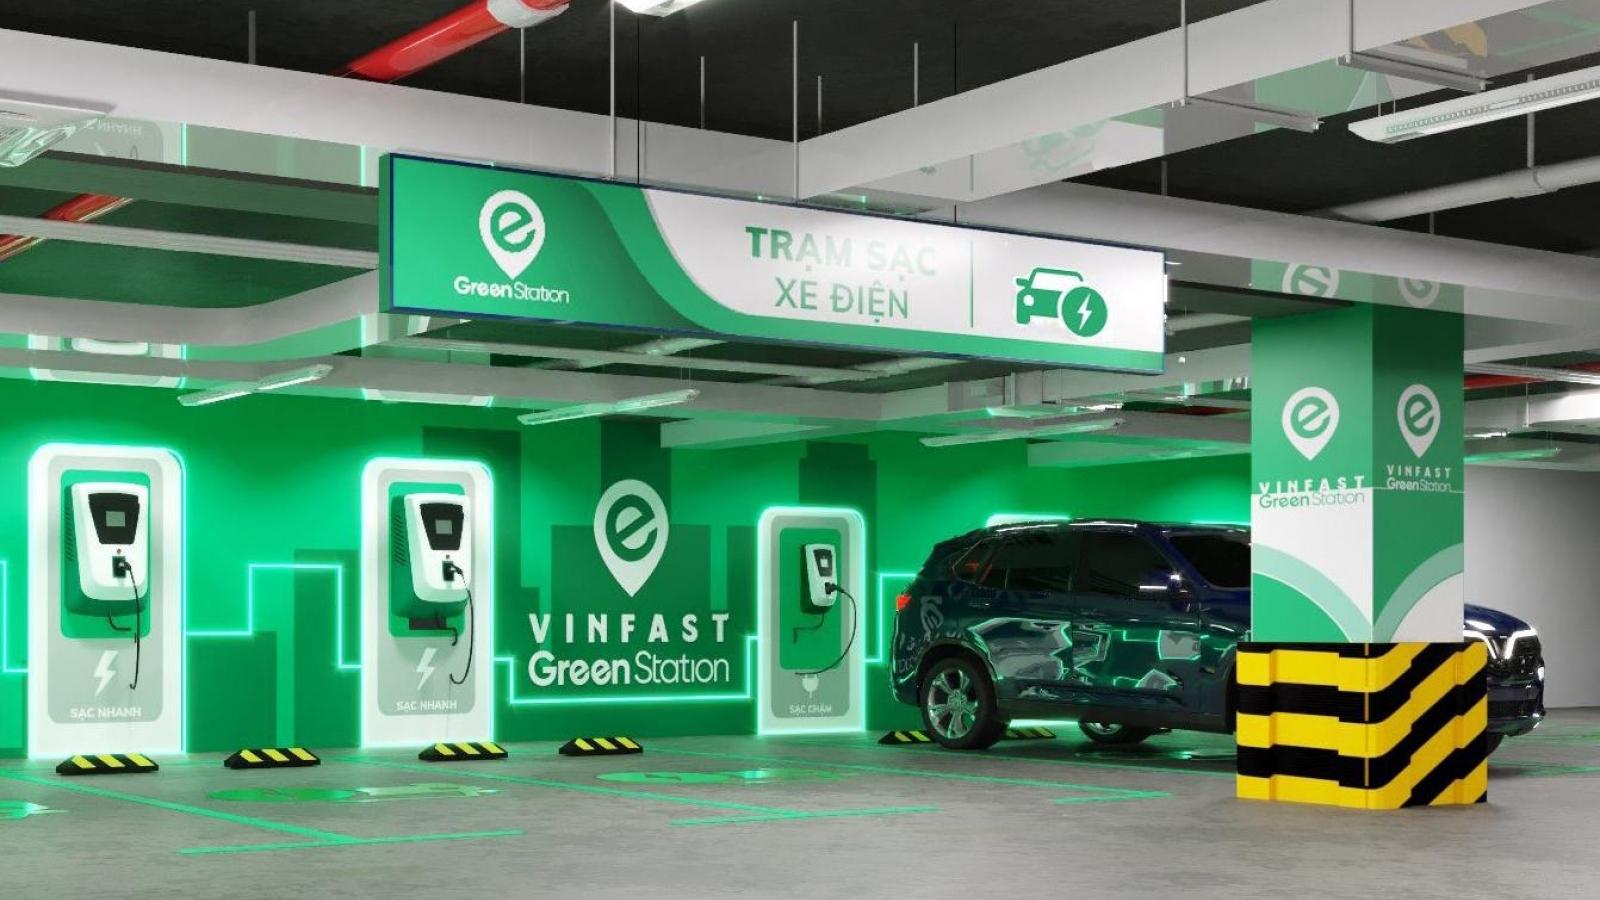 Cần sớm xây dựng chính sách cụ thể và thực chất để phát triển ô tô điện